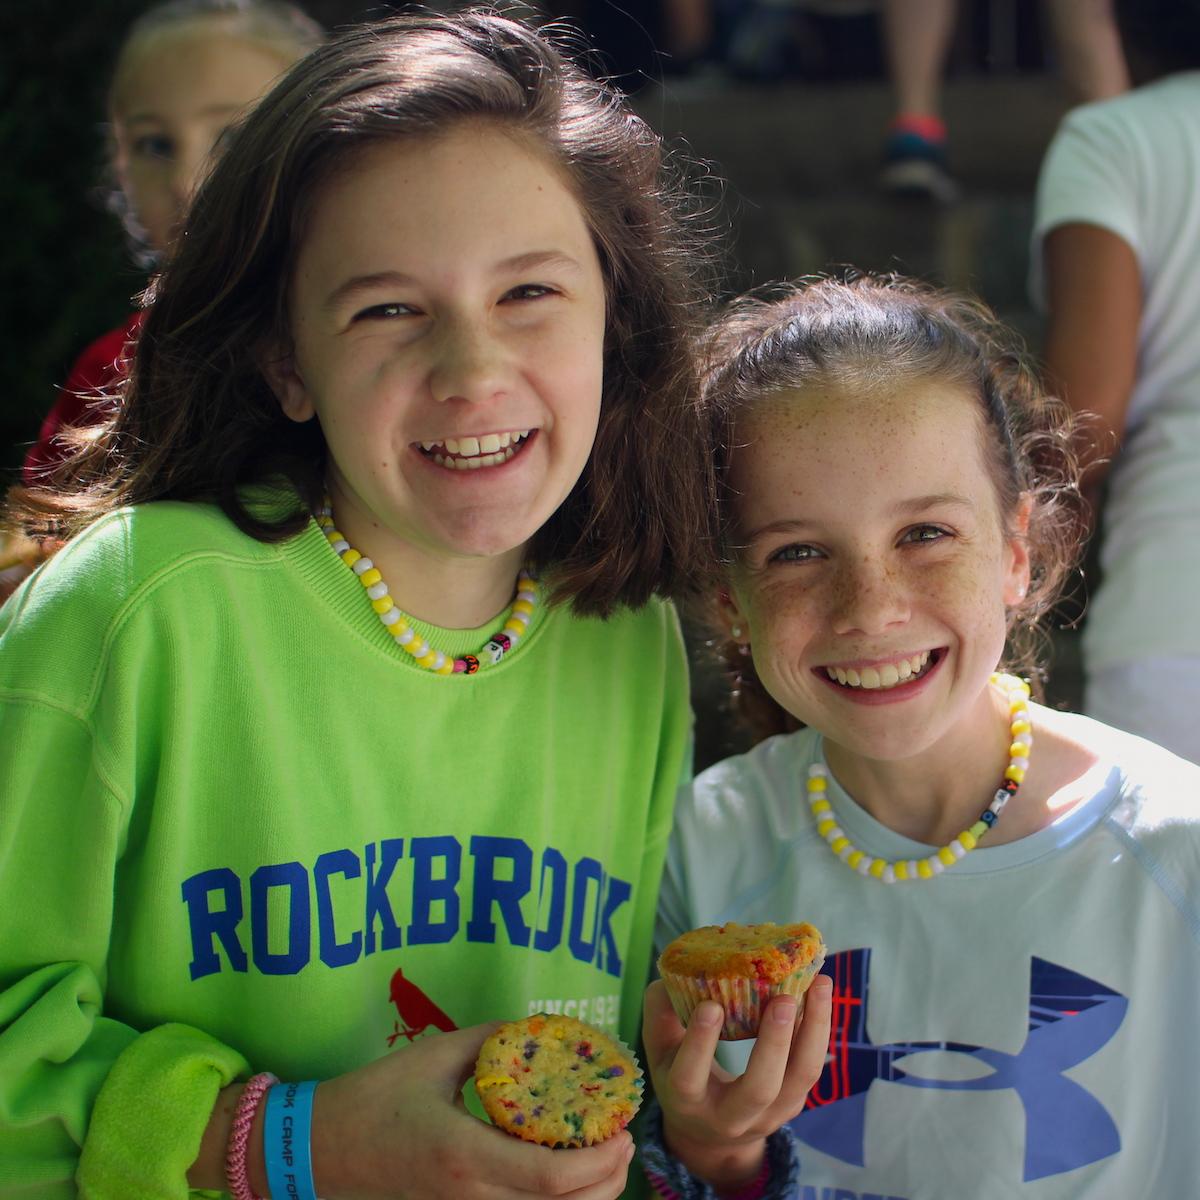 Camp muffin snack break